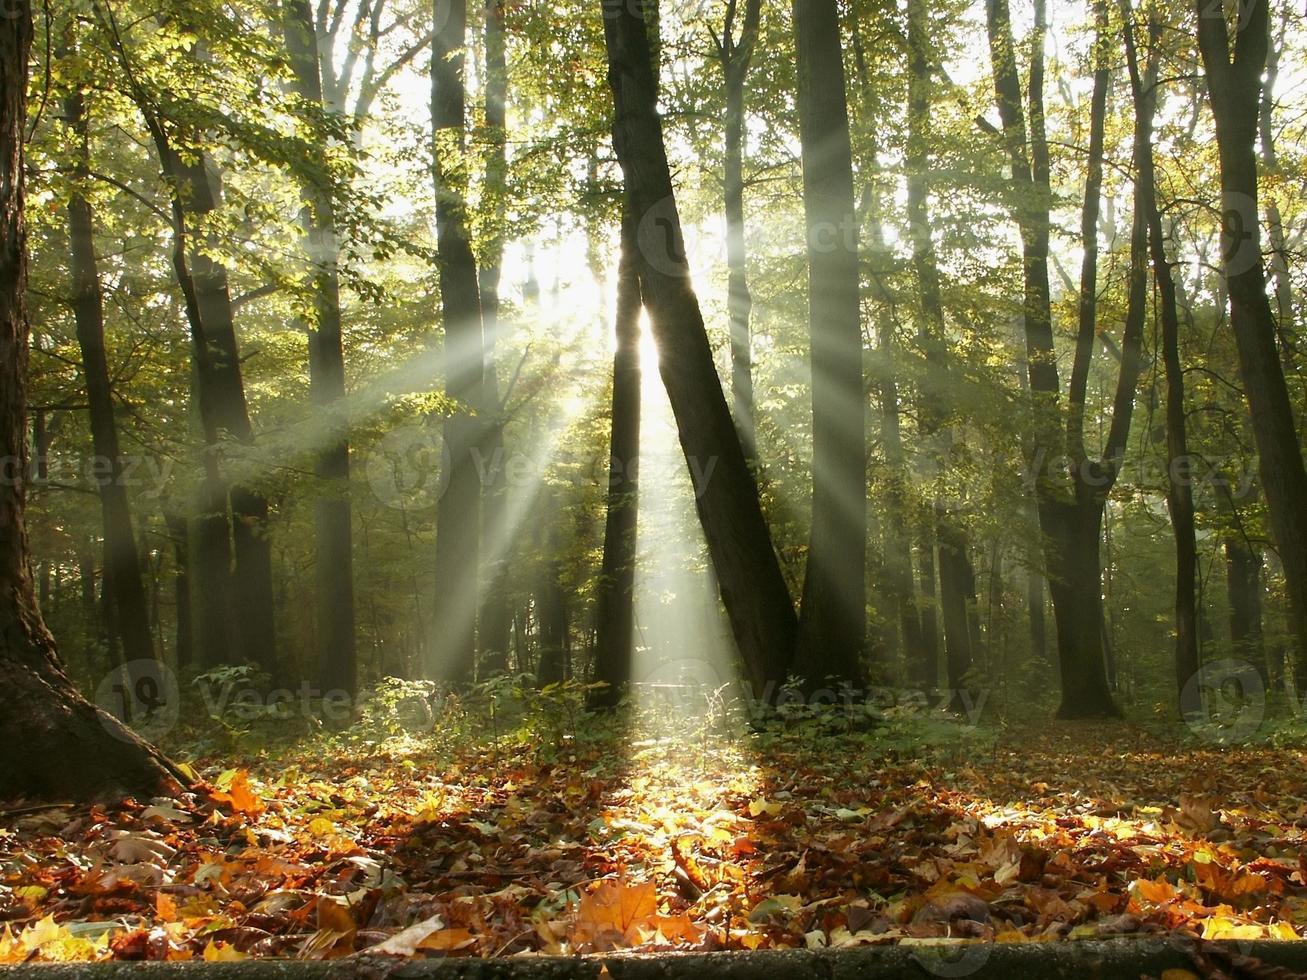 floresta nublada de outono ao nascer do sol foto